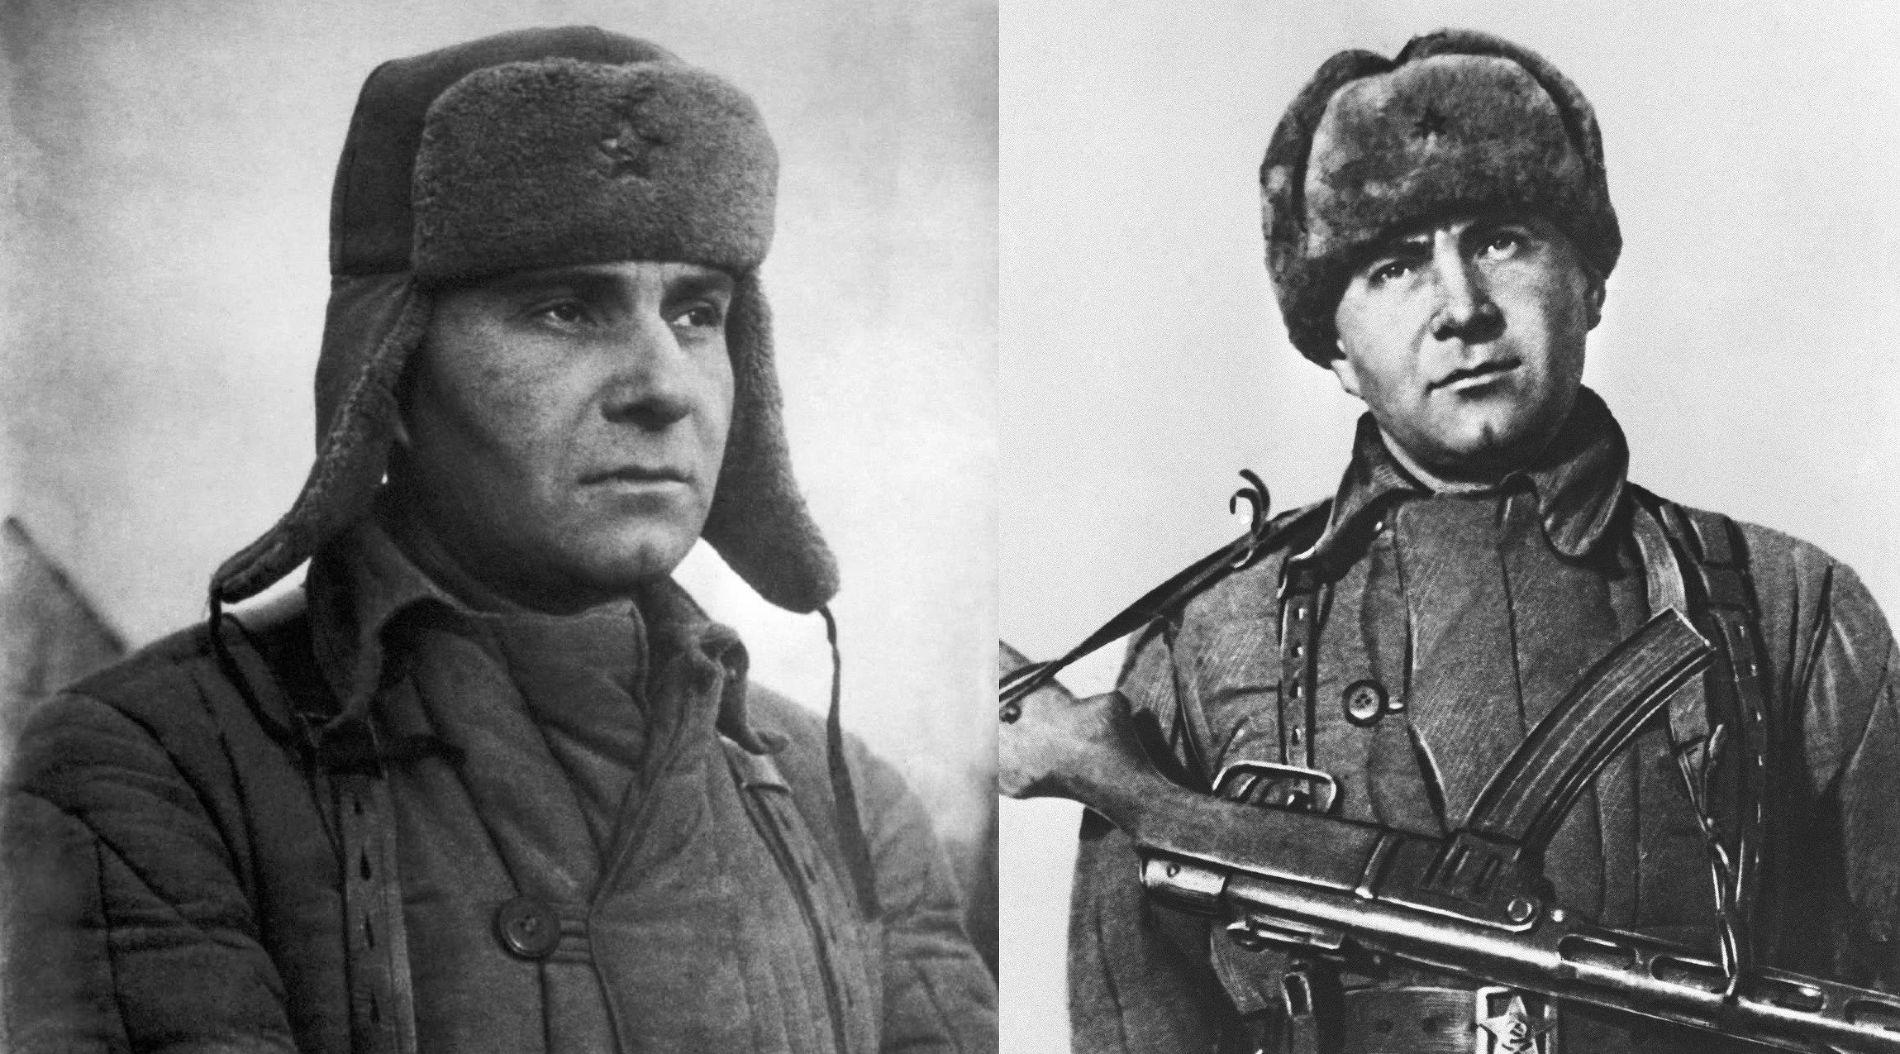 Две фотографии майора Куникова на Малой земле — в реальной обстановке и постановочная ©Фото с сайта waralbum.ru